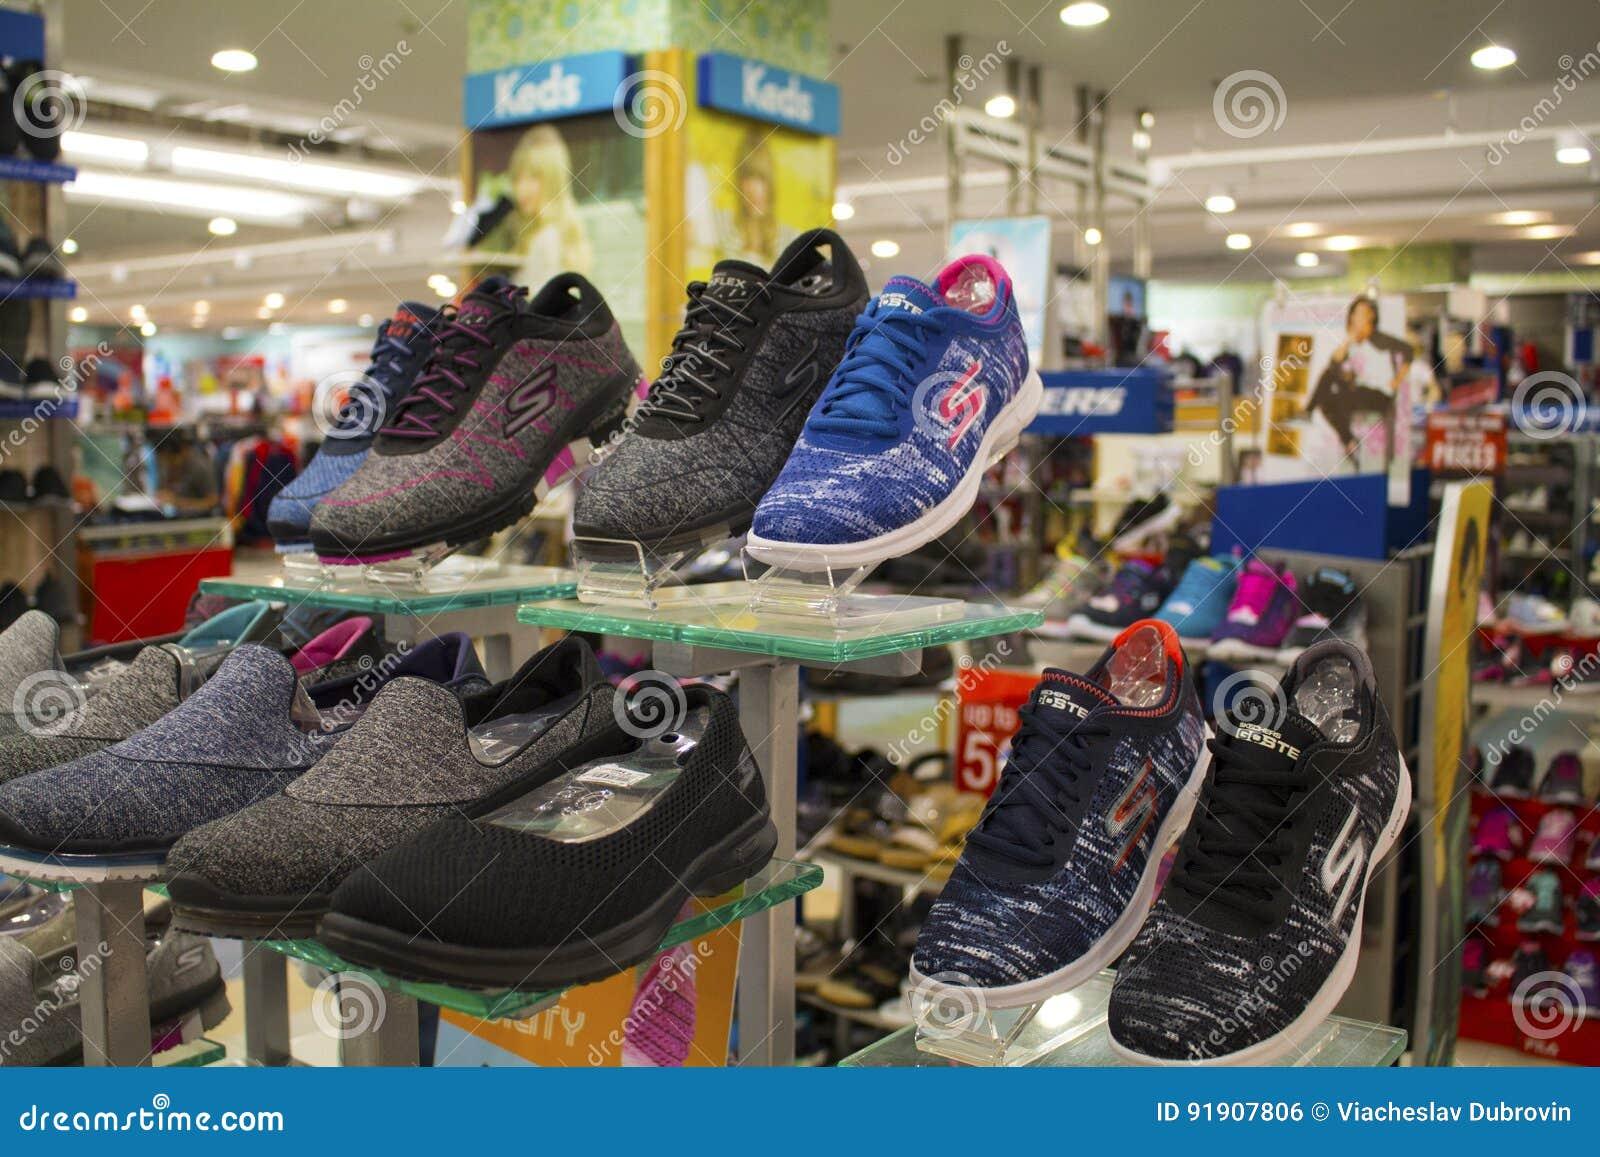 d5e26600d1a ... Υπαίθρια επίδειξη παπουτσιών στη σύγχρονη λεωφόρο αγορών Αστικά  παπούτσια για τα άτομα στη στάση Πολυκατάστημα με την ένδυση ατόμων ` s  Περιστασιακή ...